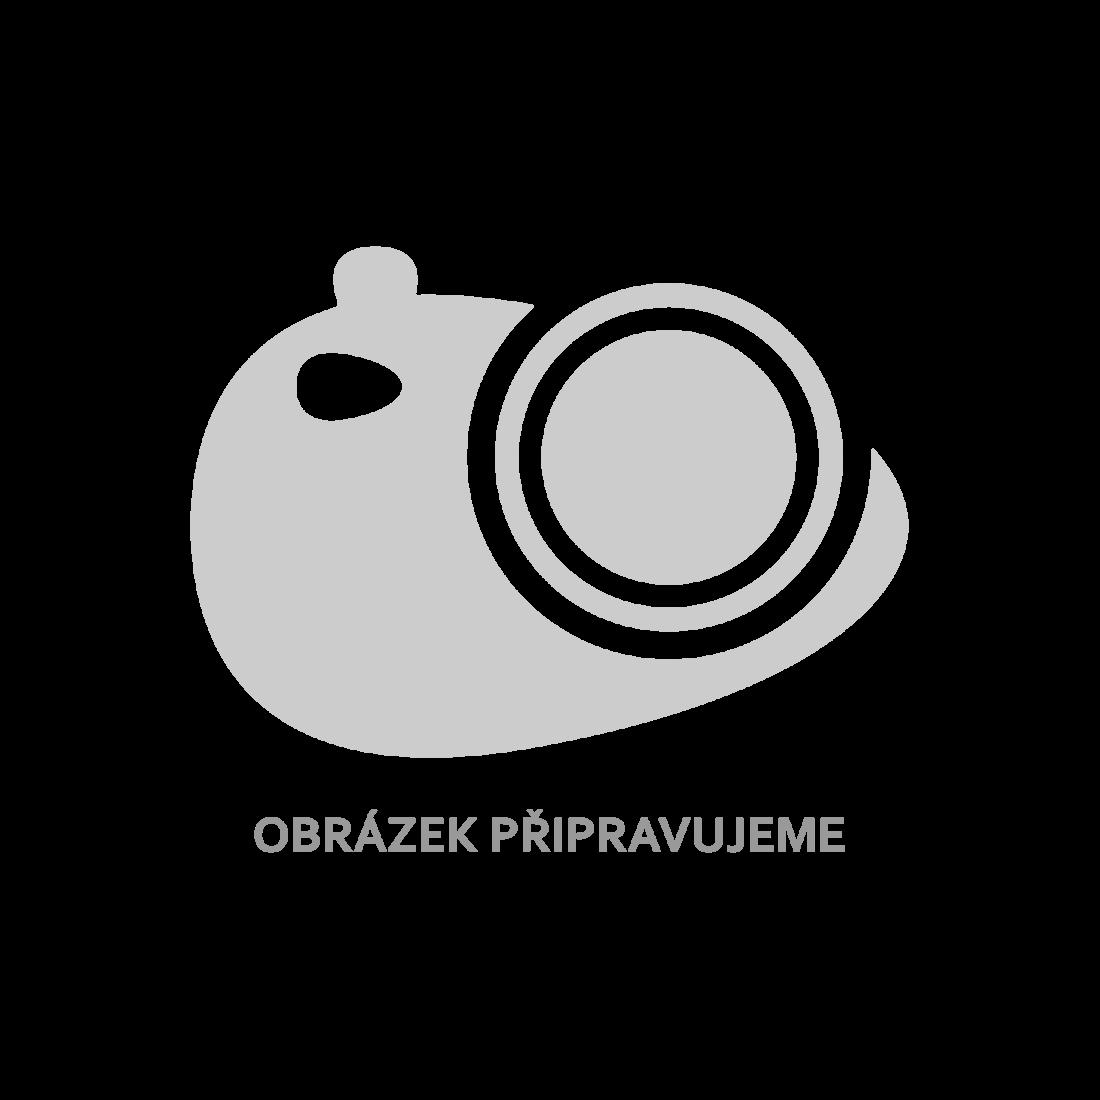 Roleta Zebra / noc a den / Twinroll 100 x 175 cm, šedá